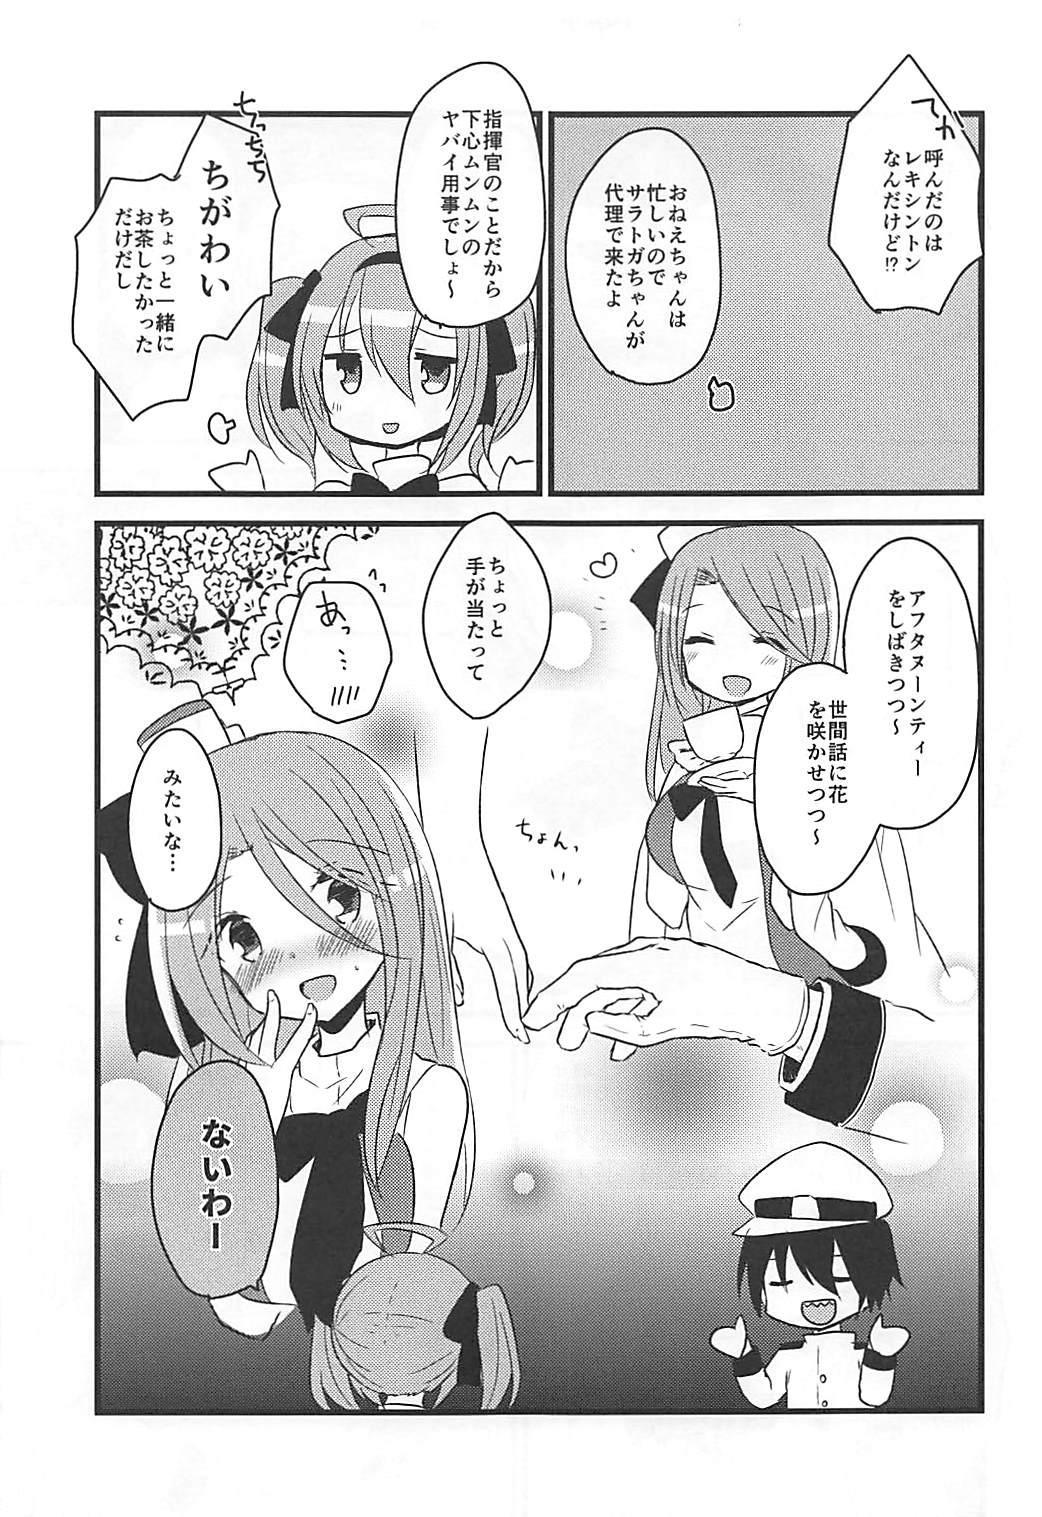 Saratoga-chan to Asobo! 5